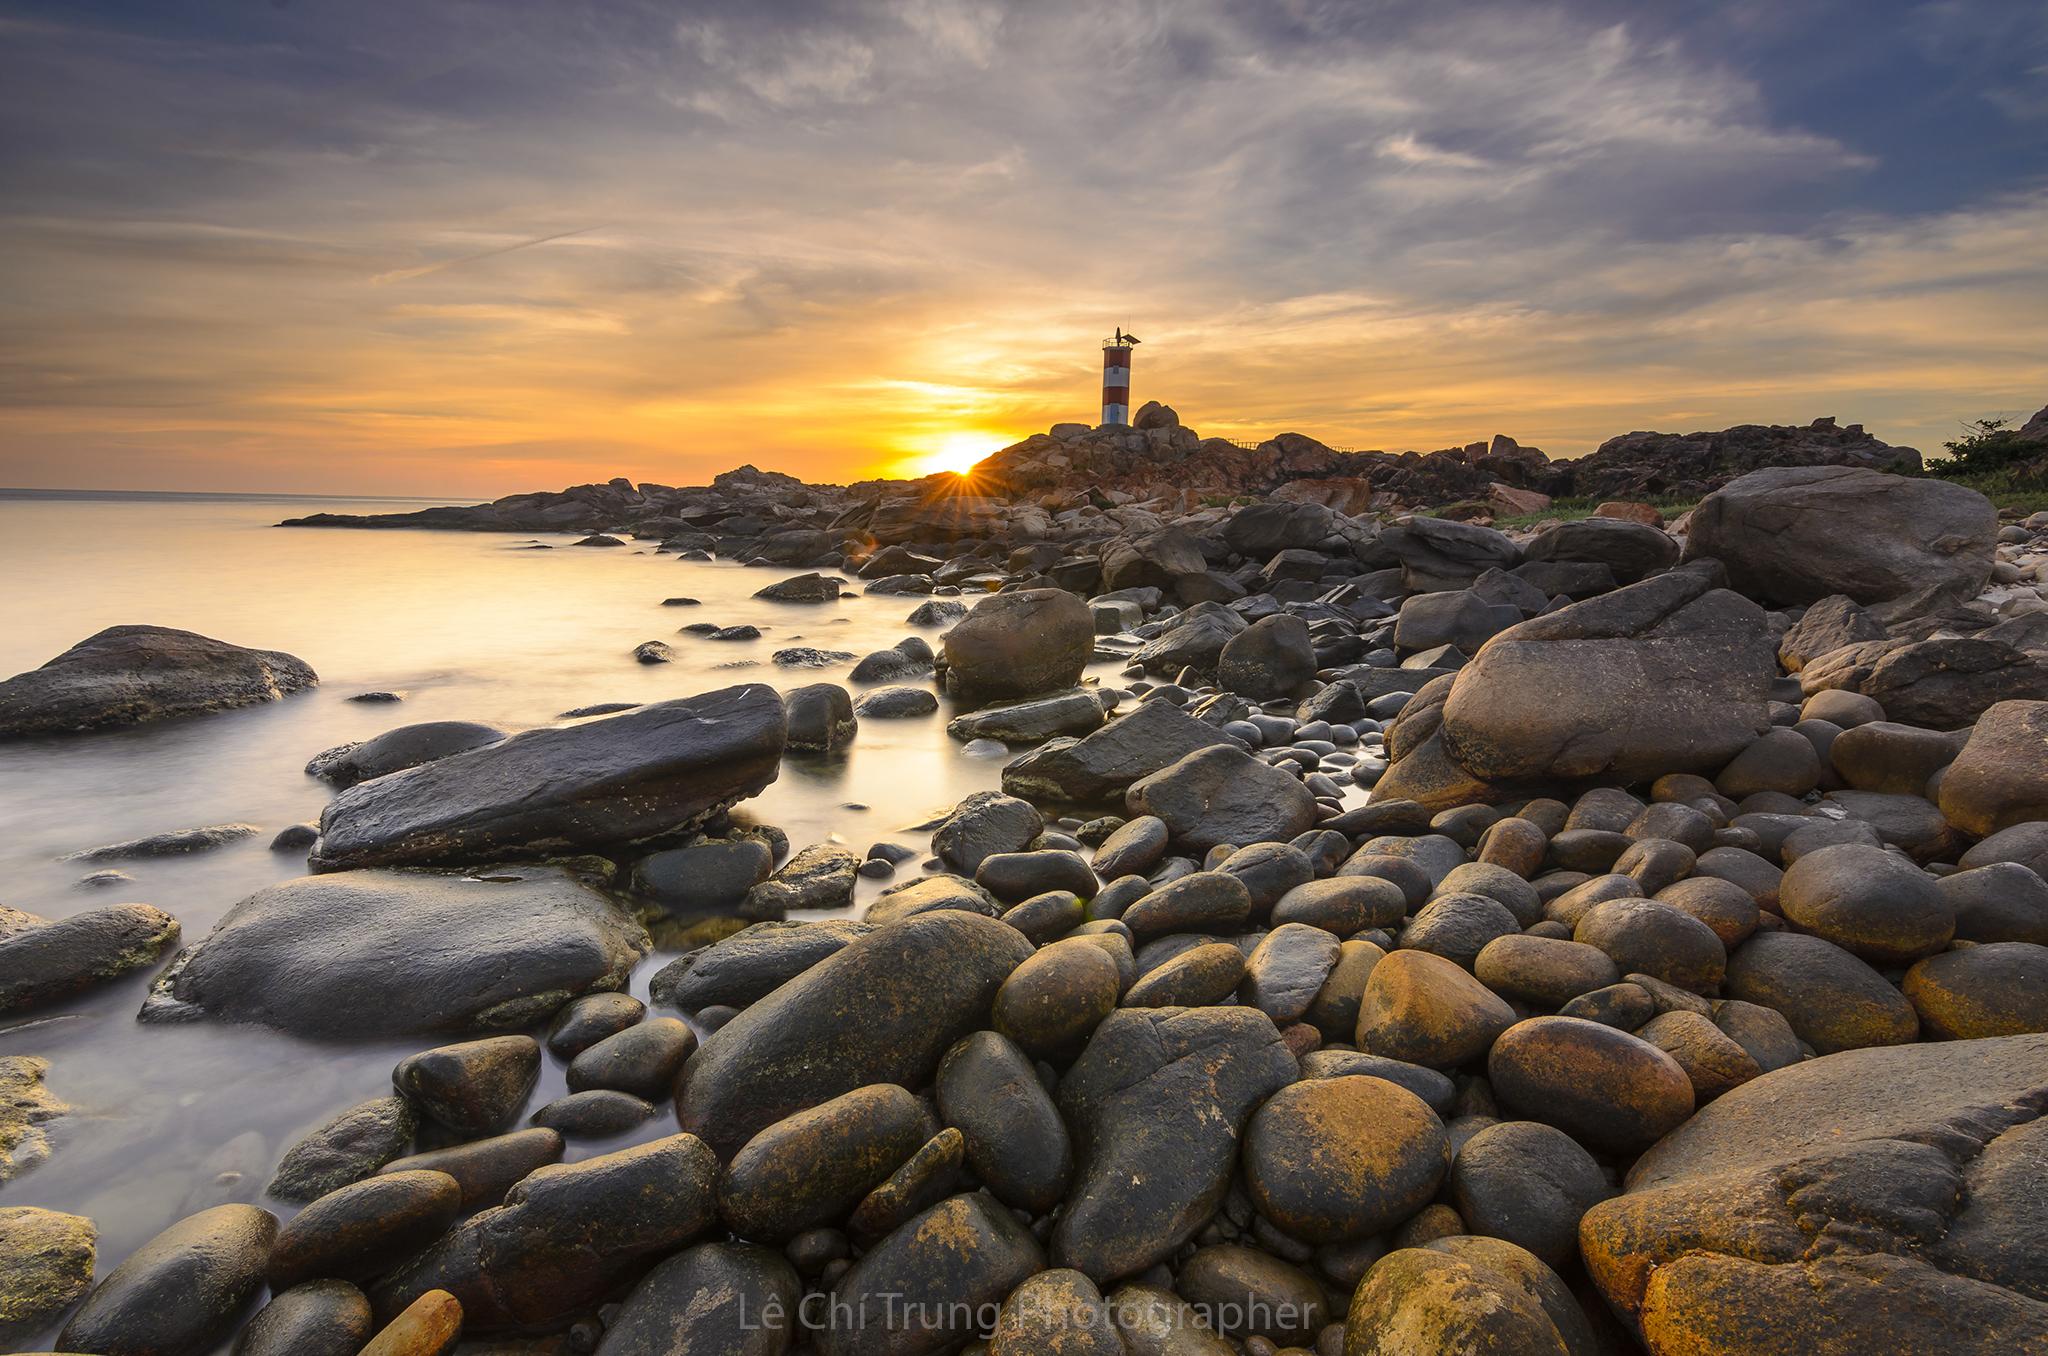 Chiêm ngưỡng vẻ đẹp Gành Đèn, 'viên ngọc' được cất giấu giữa biển trời Phú Yên  - Ảnh 1.